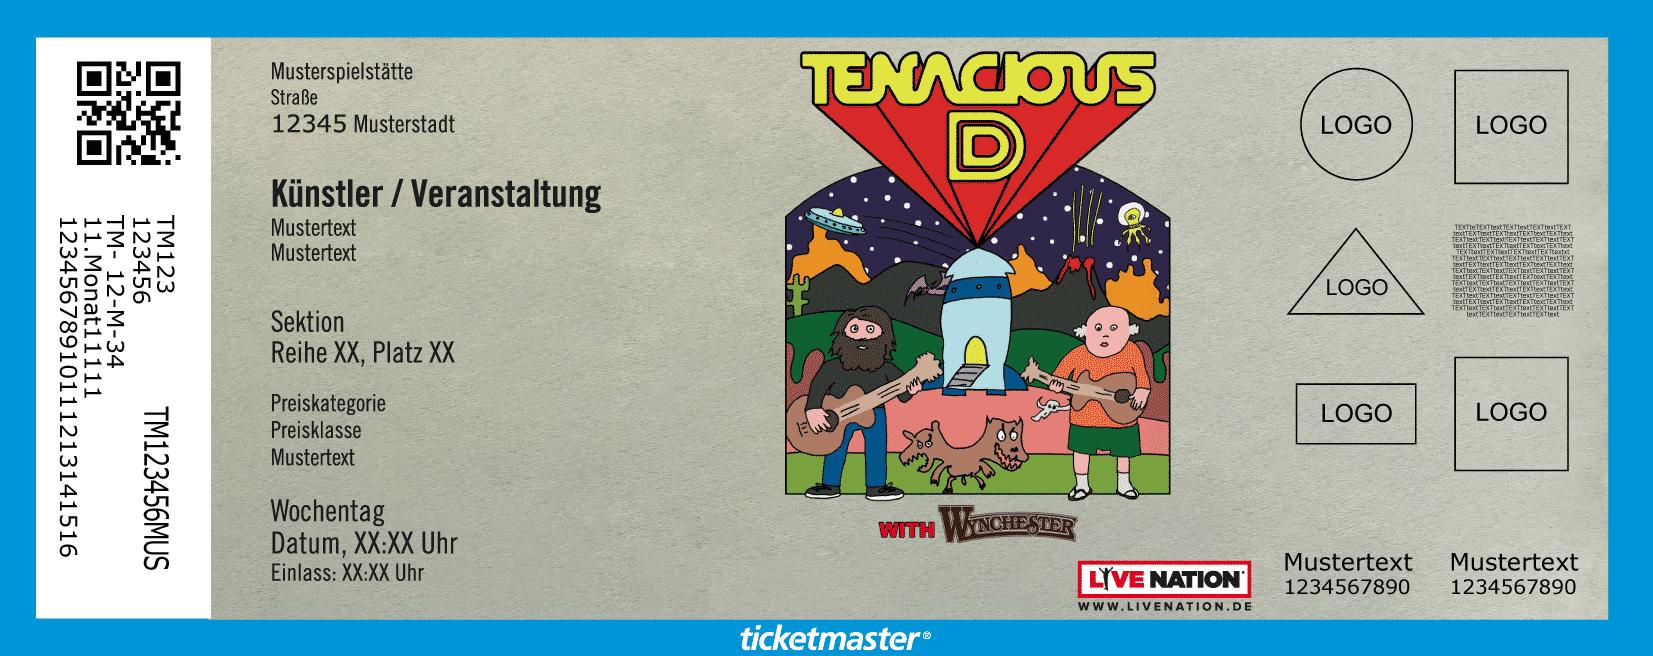 Tenacious D Deutschland-Konzerte 2020: Presale startet ...